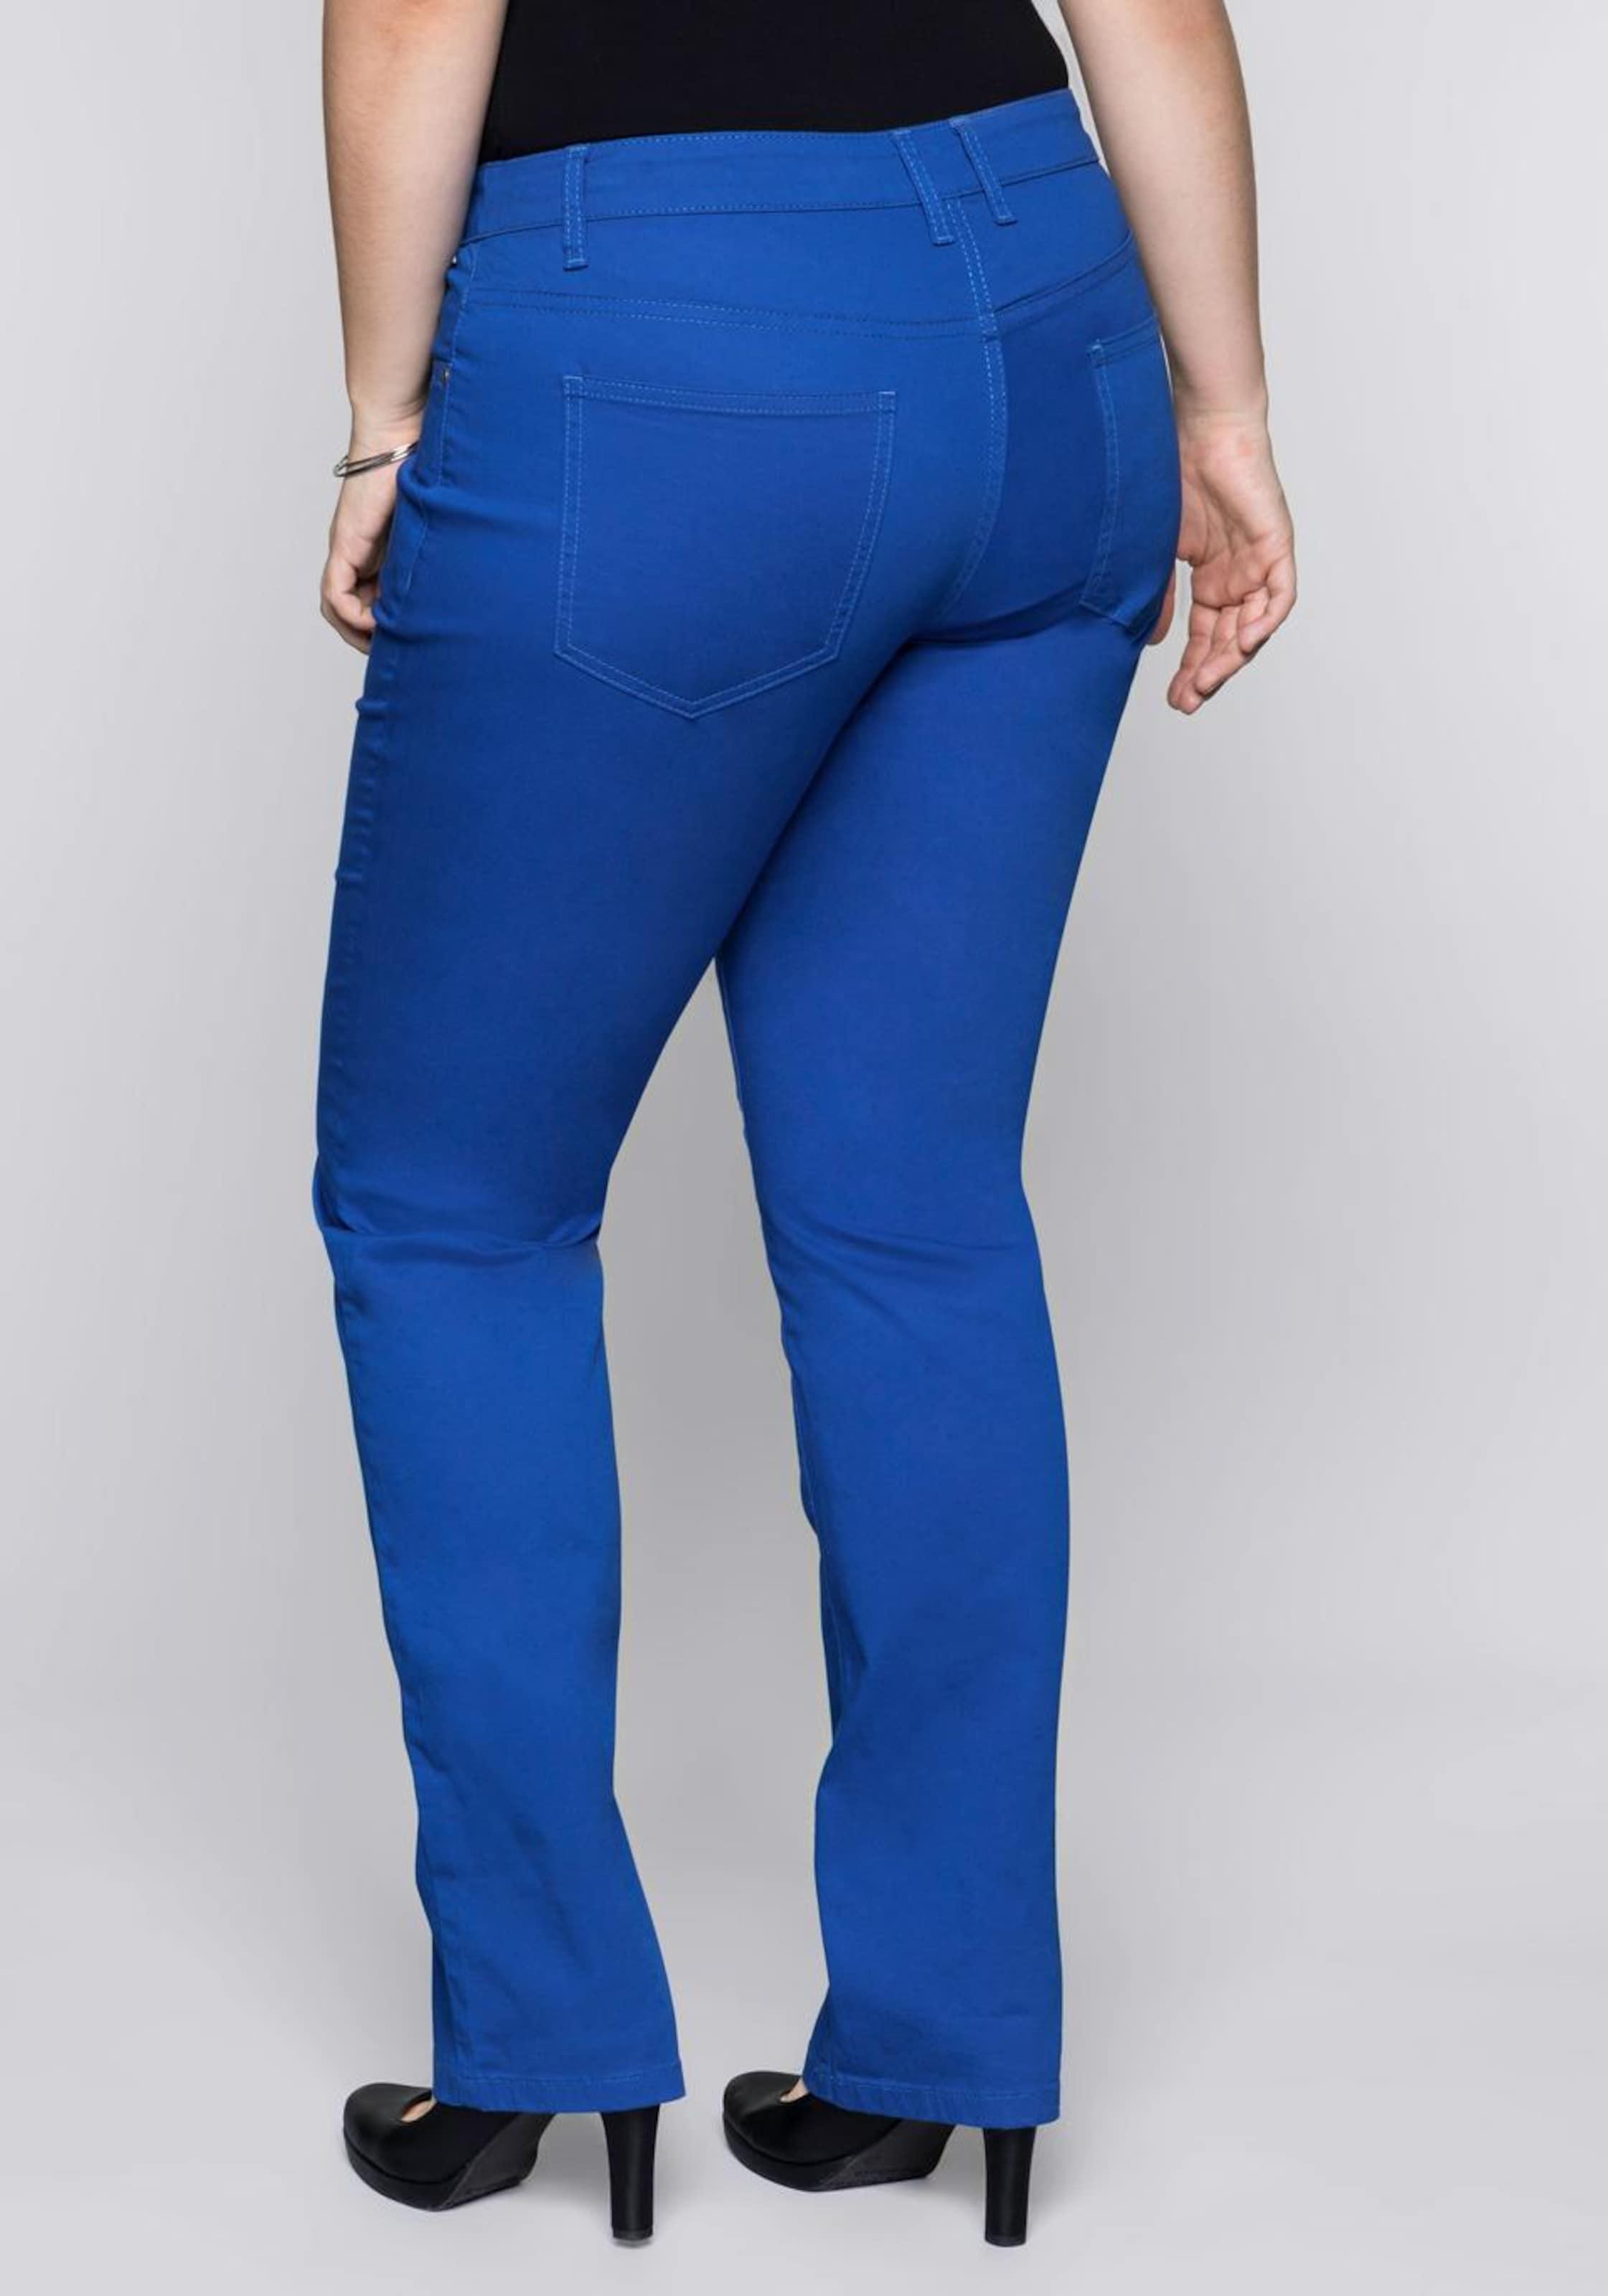 Basic Sheego In Anzughose Blau 0w8nNm